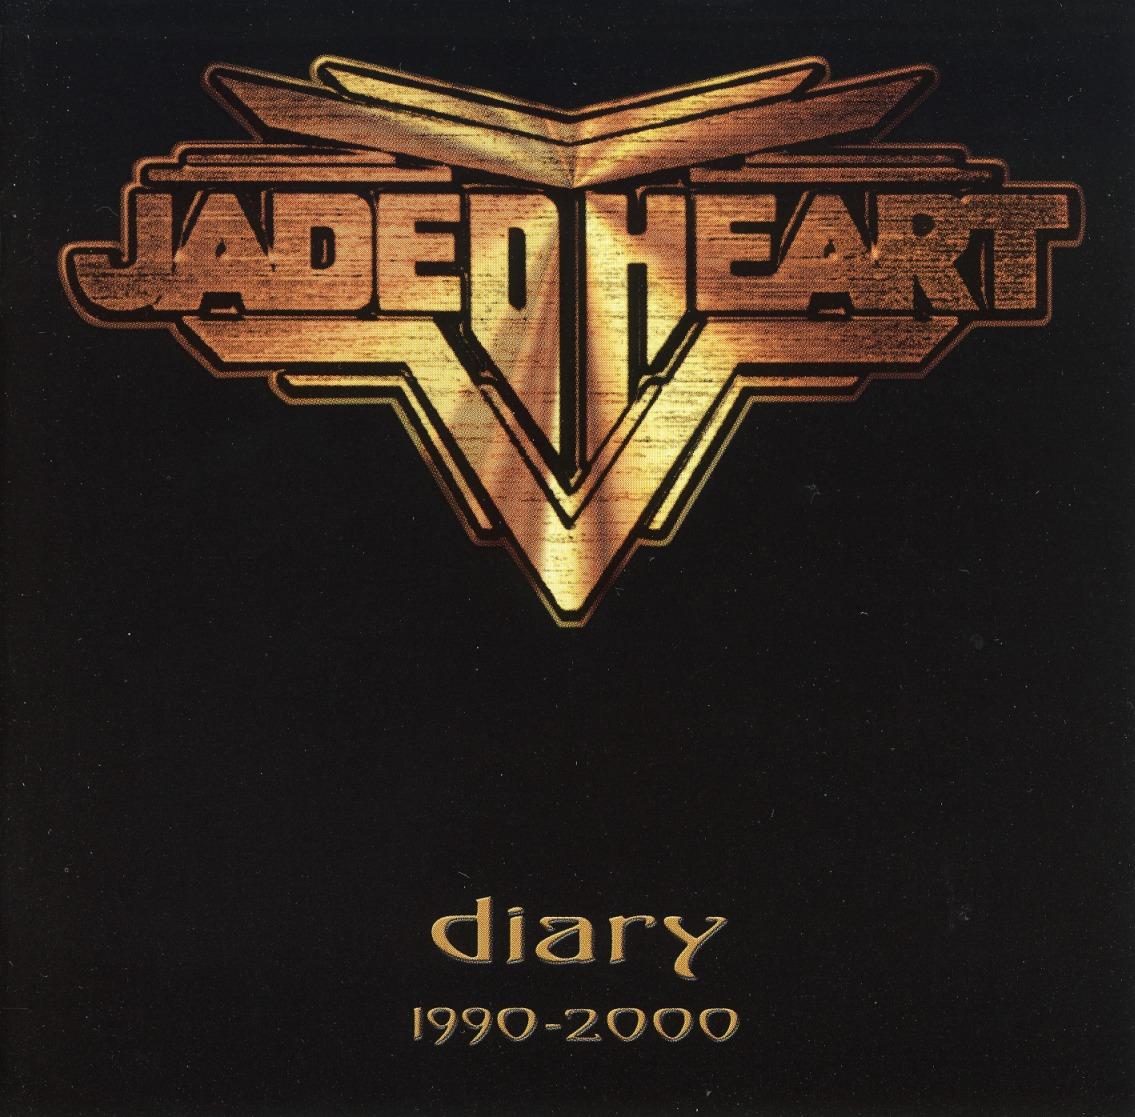 JADED HEART (Germany) / Diary 1990-2000